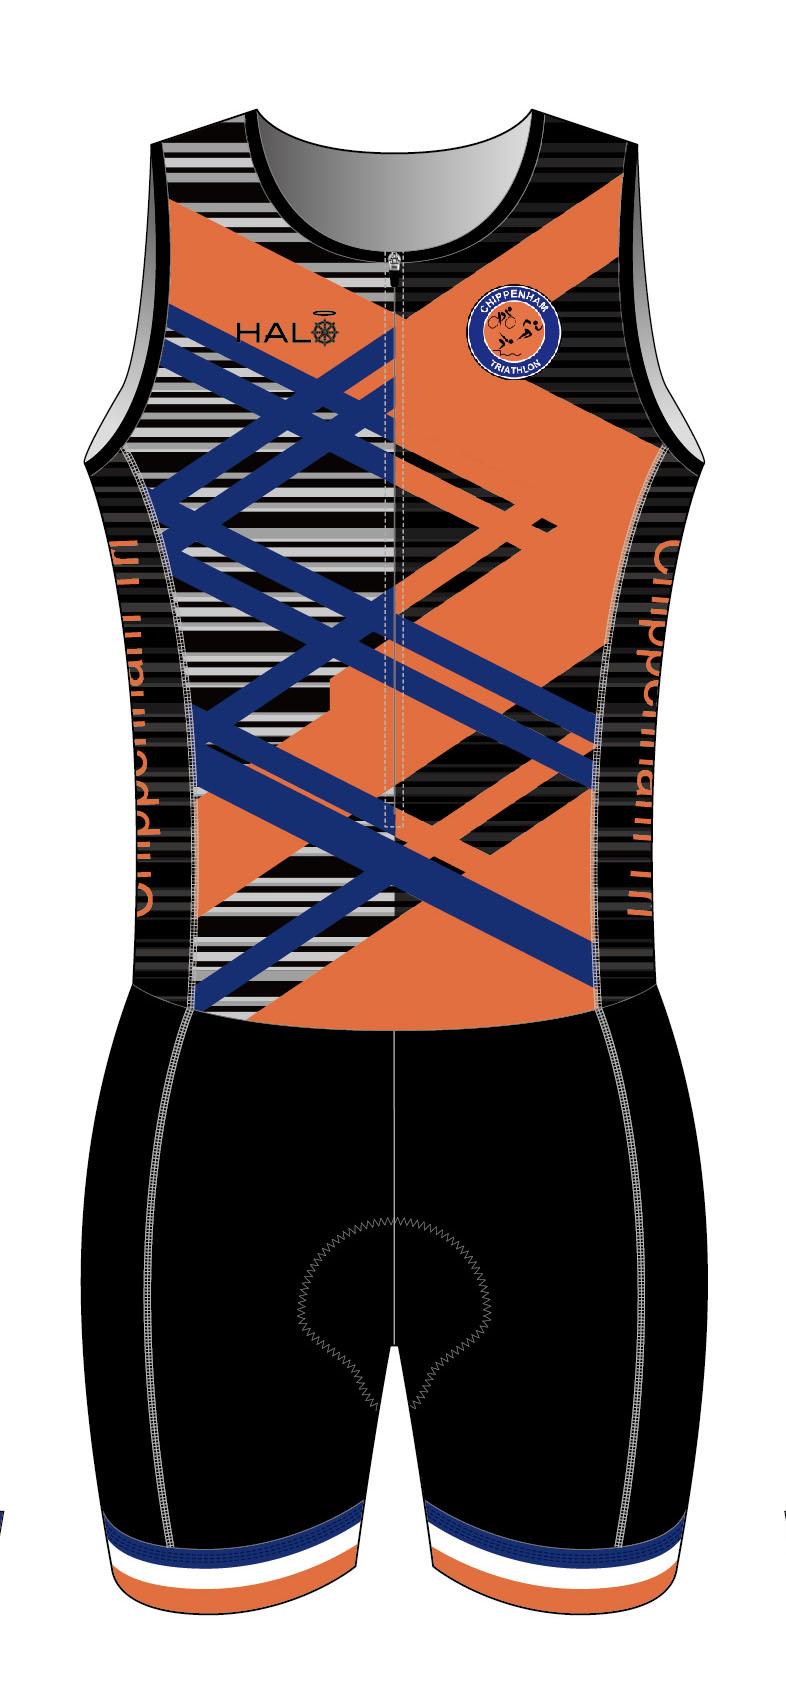 Trisuit - Front